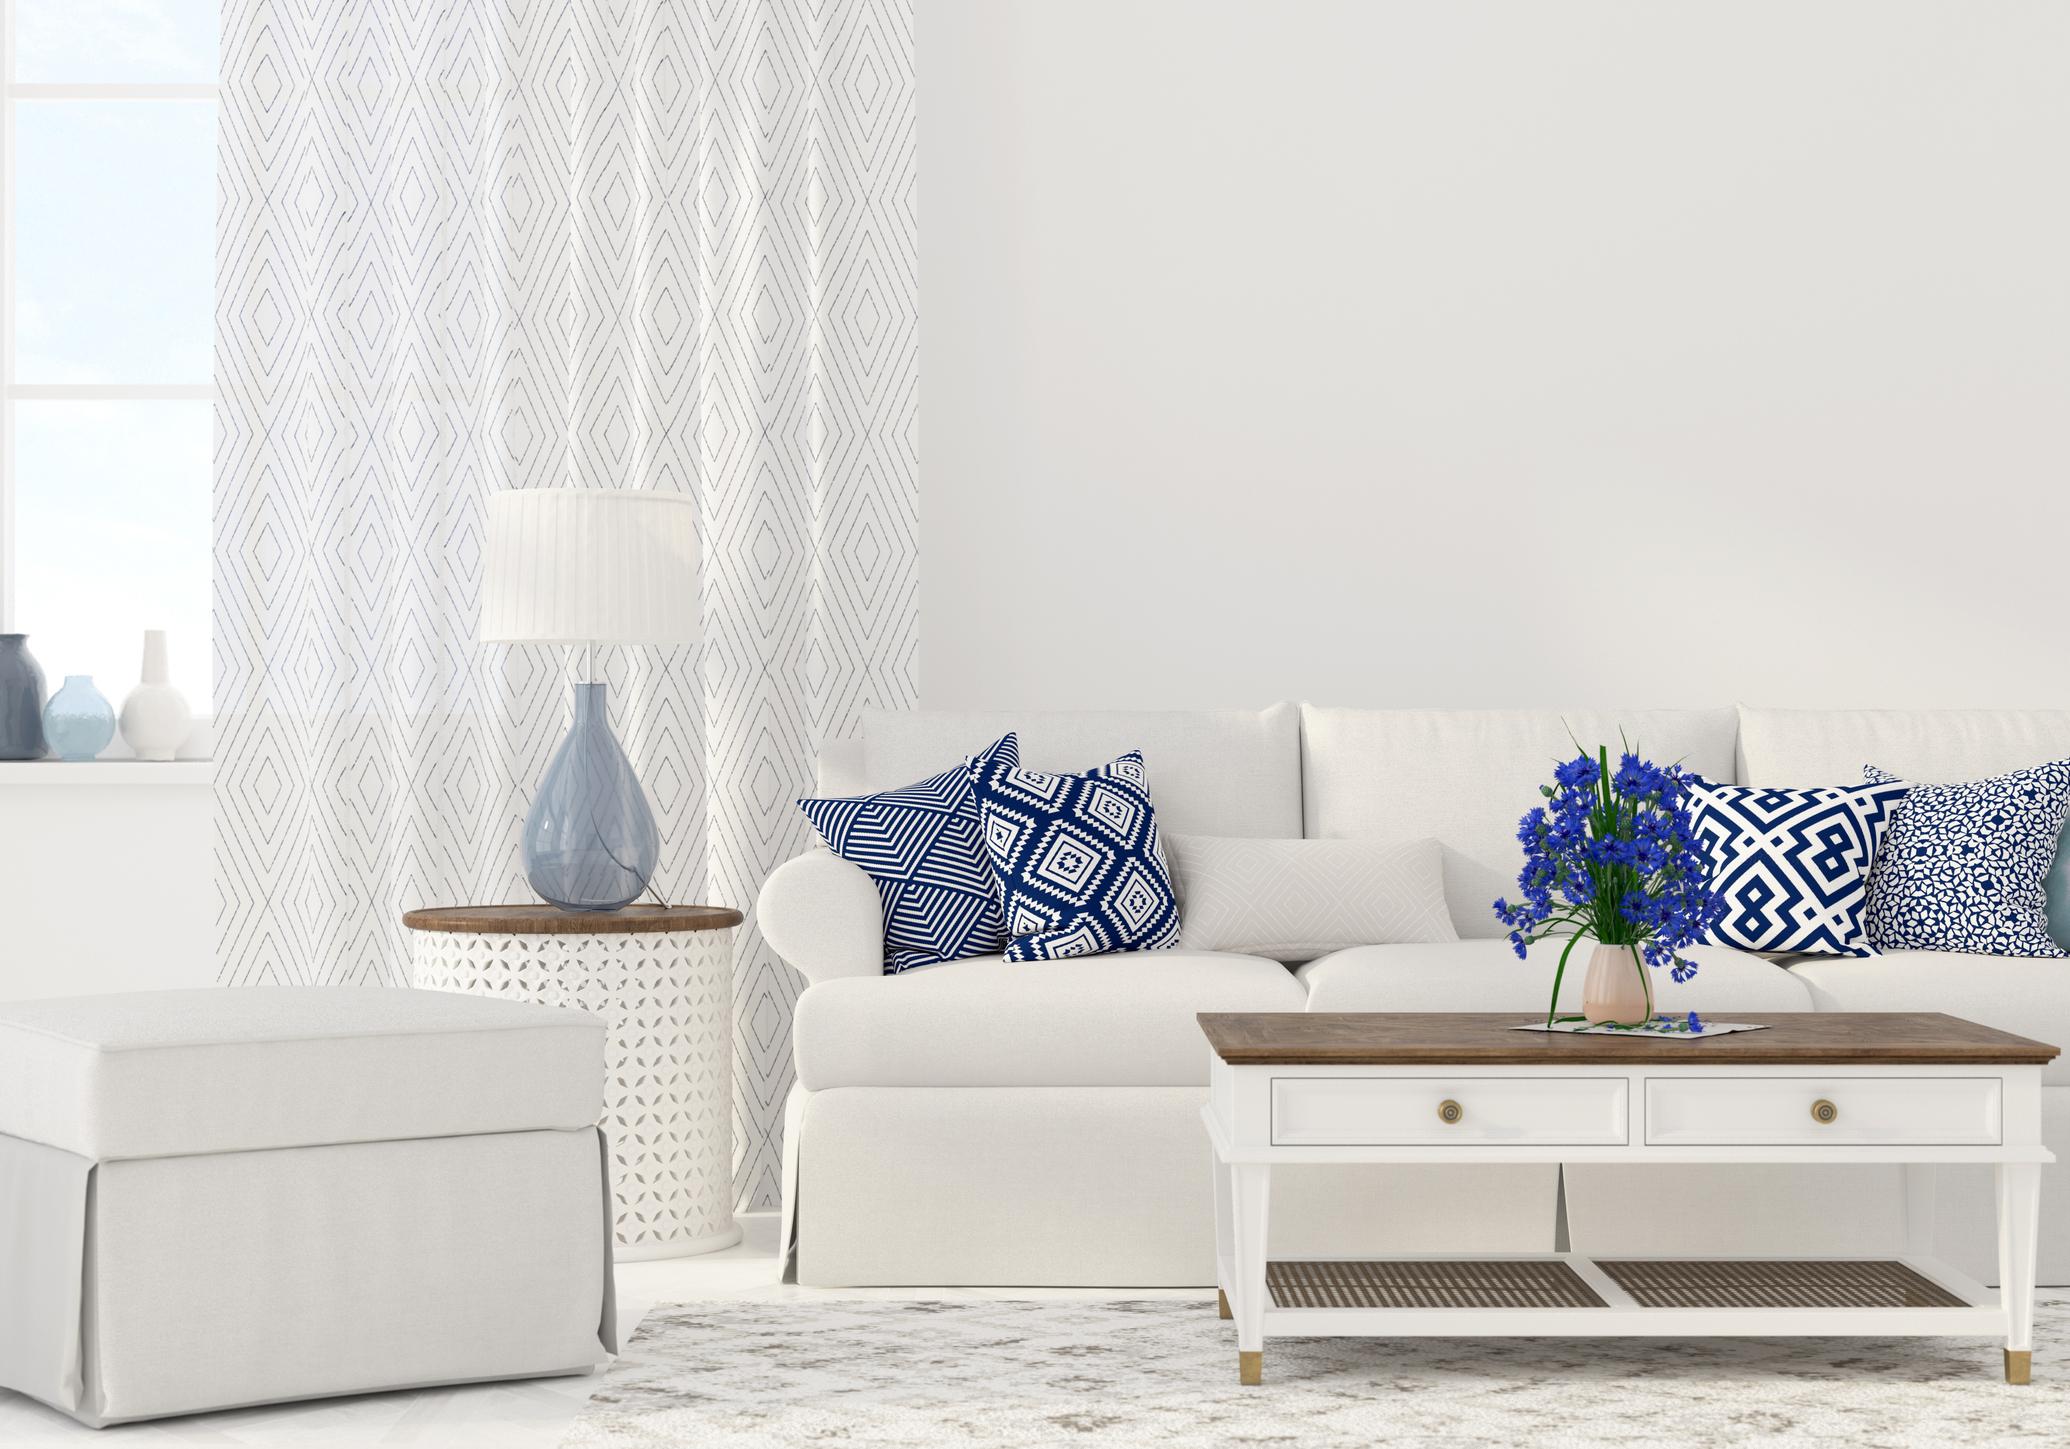 Големите мебели вече не са на мода. Може да откриете удобни, но компакти гардероби, маси и т.н.